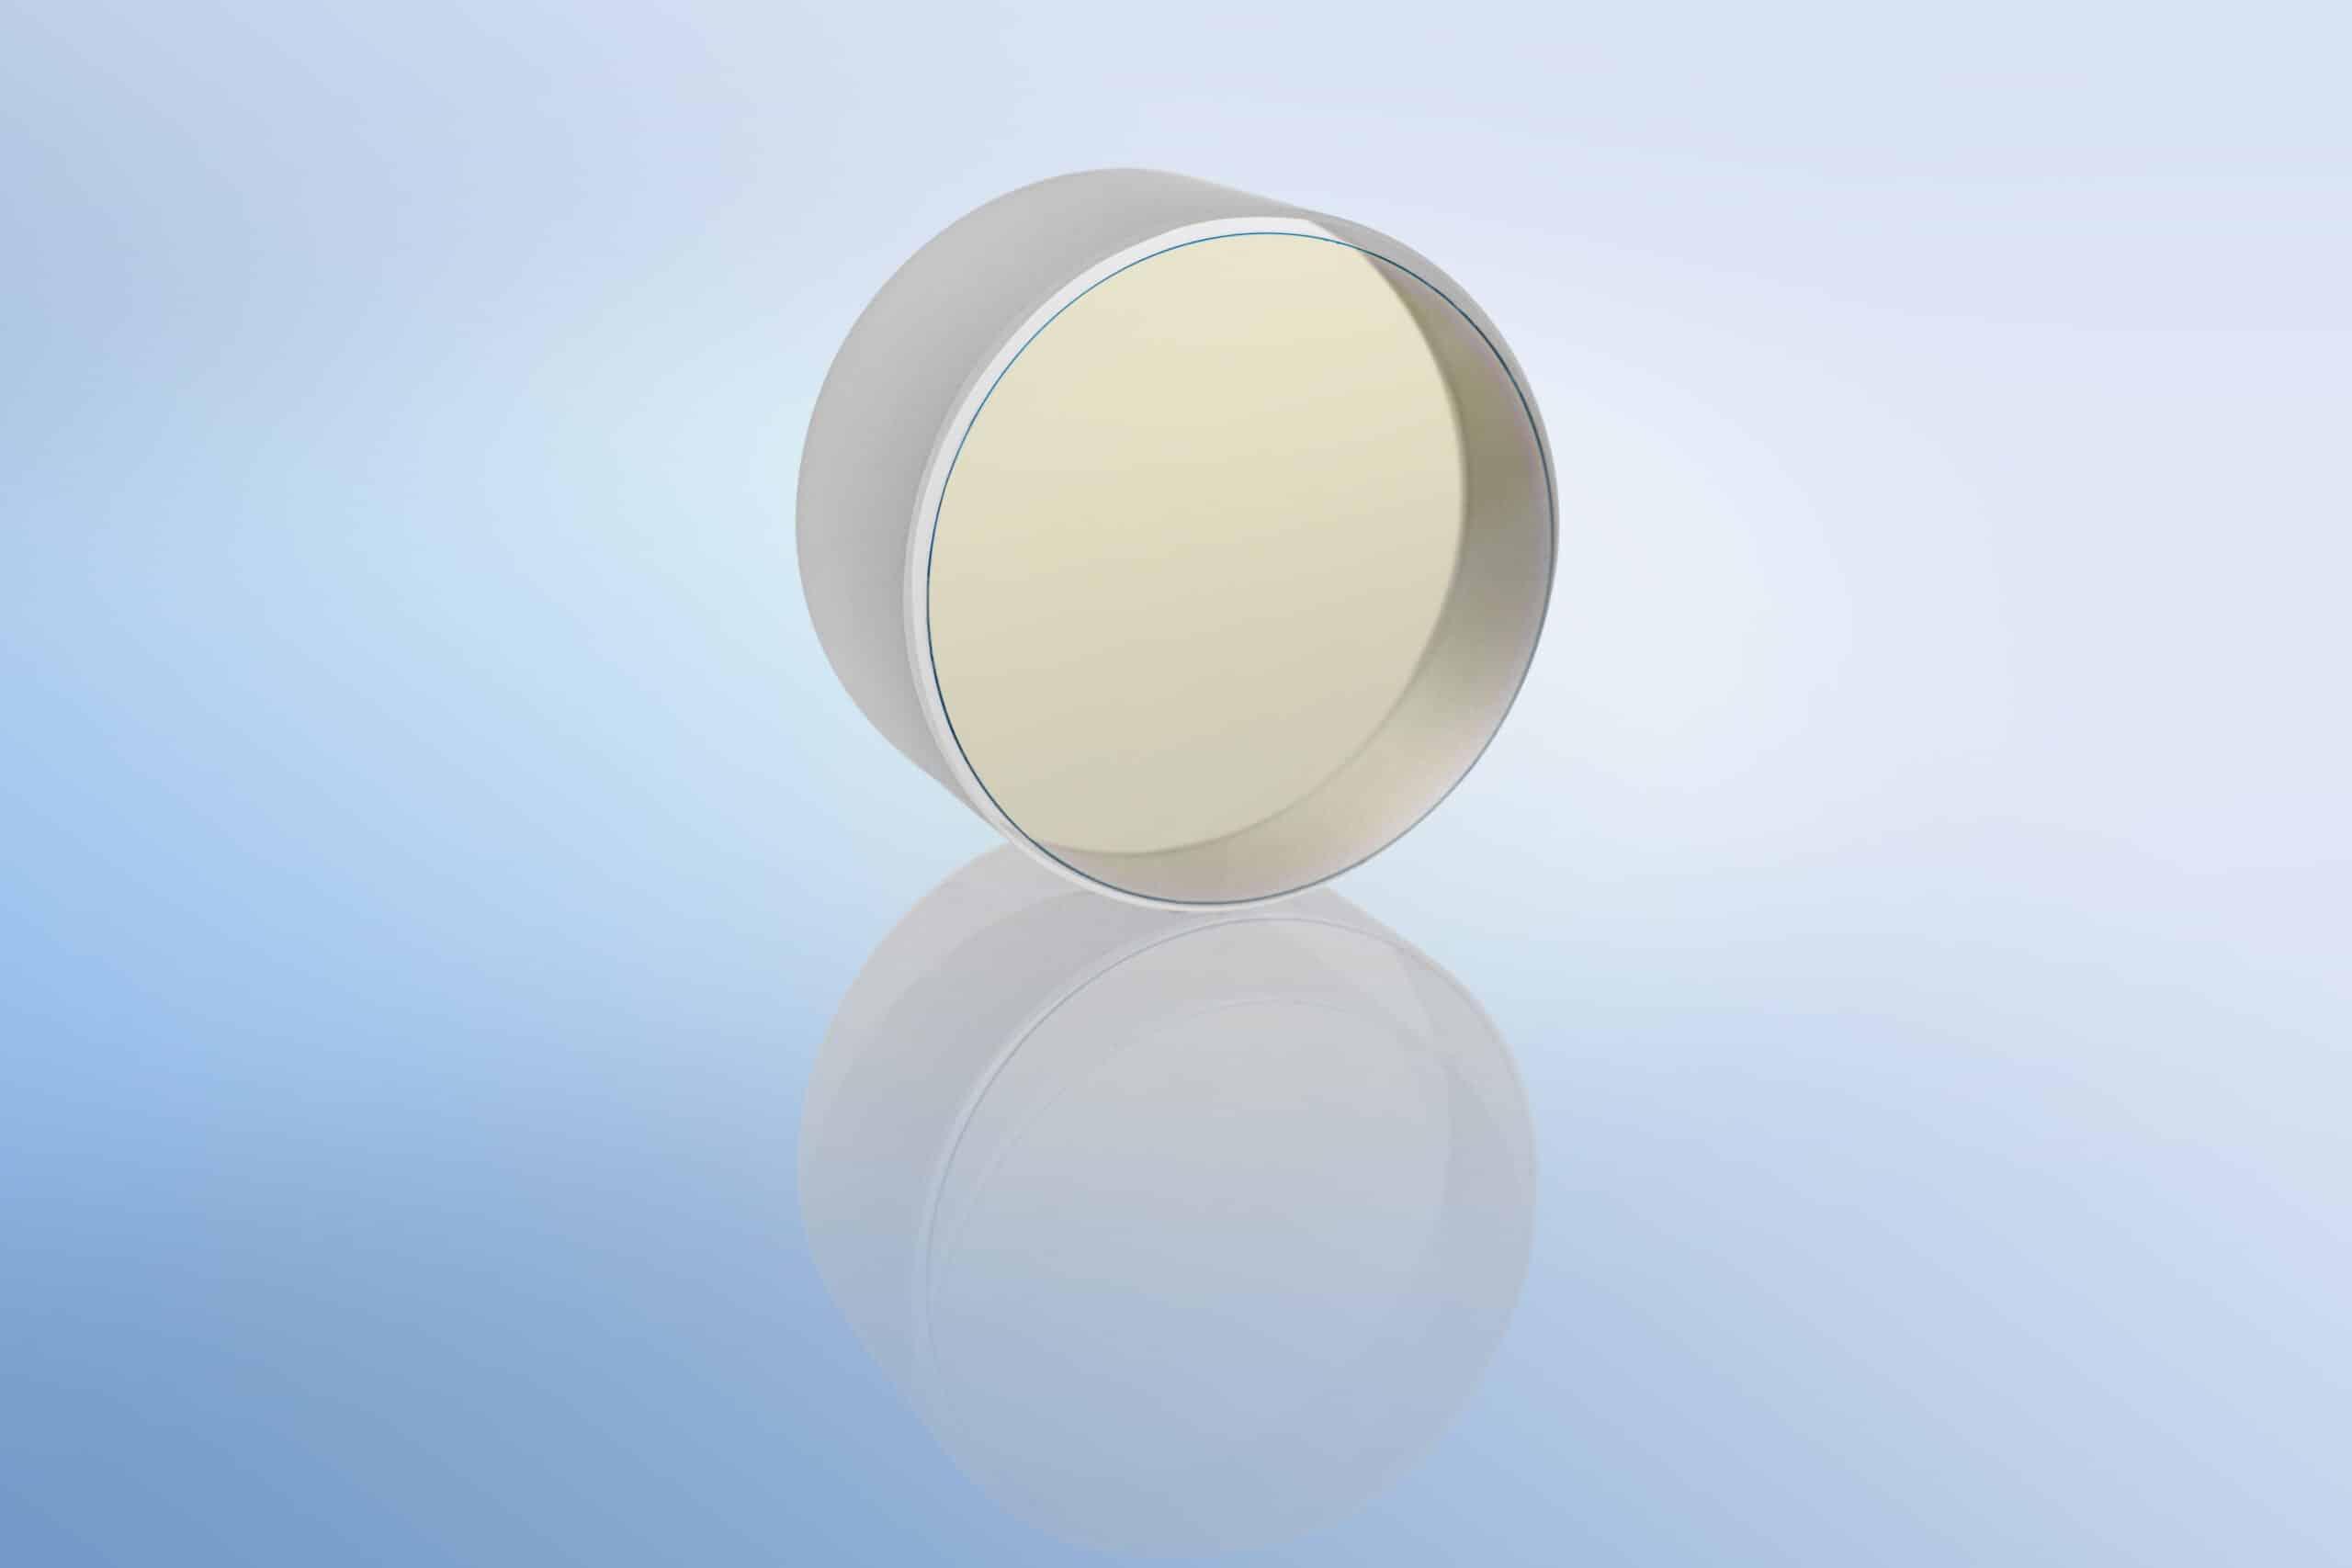 Laseroptik dielektrischer Spiegel